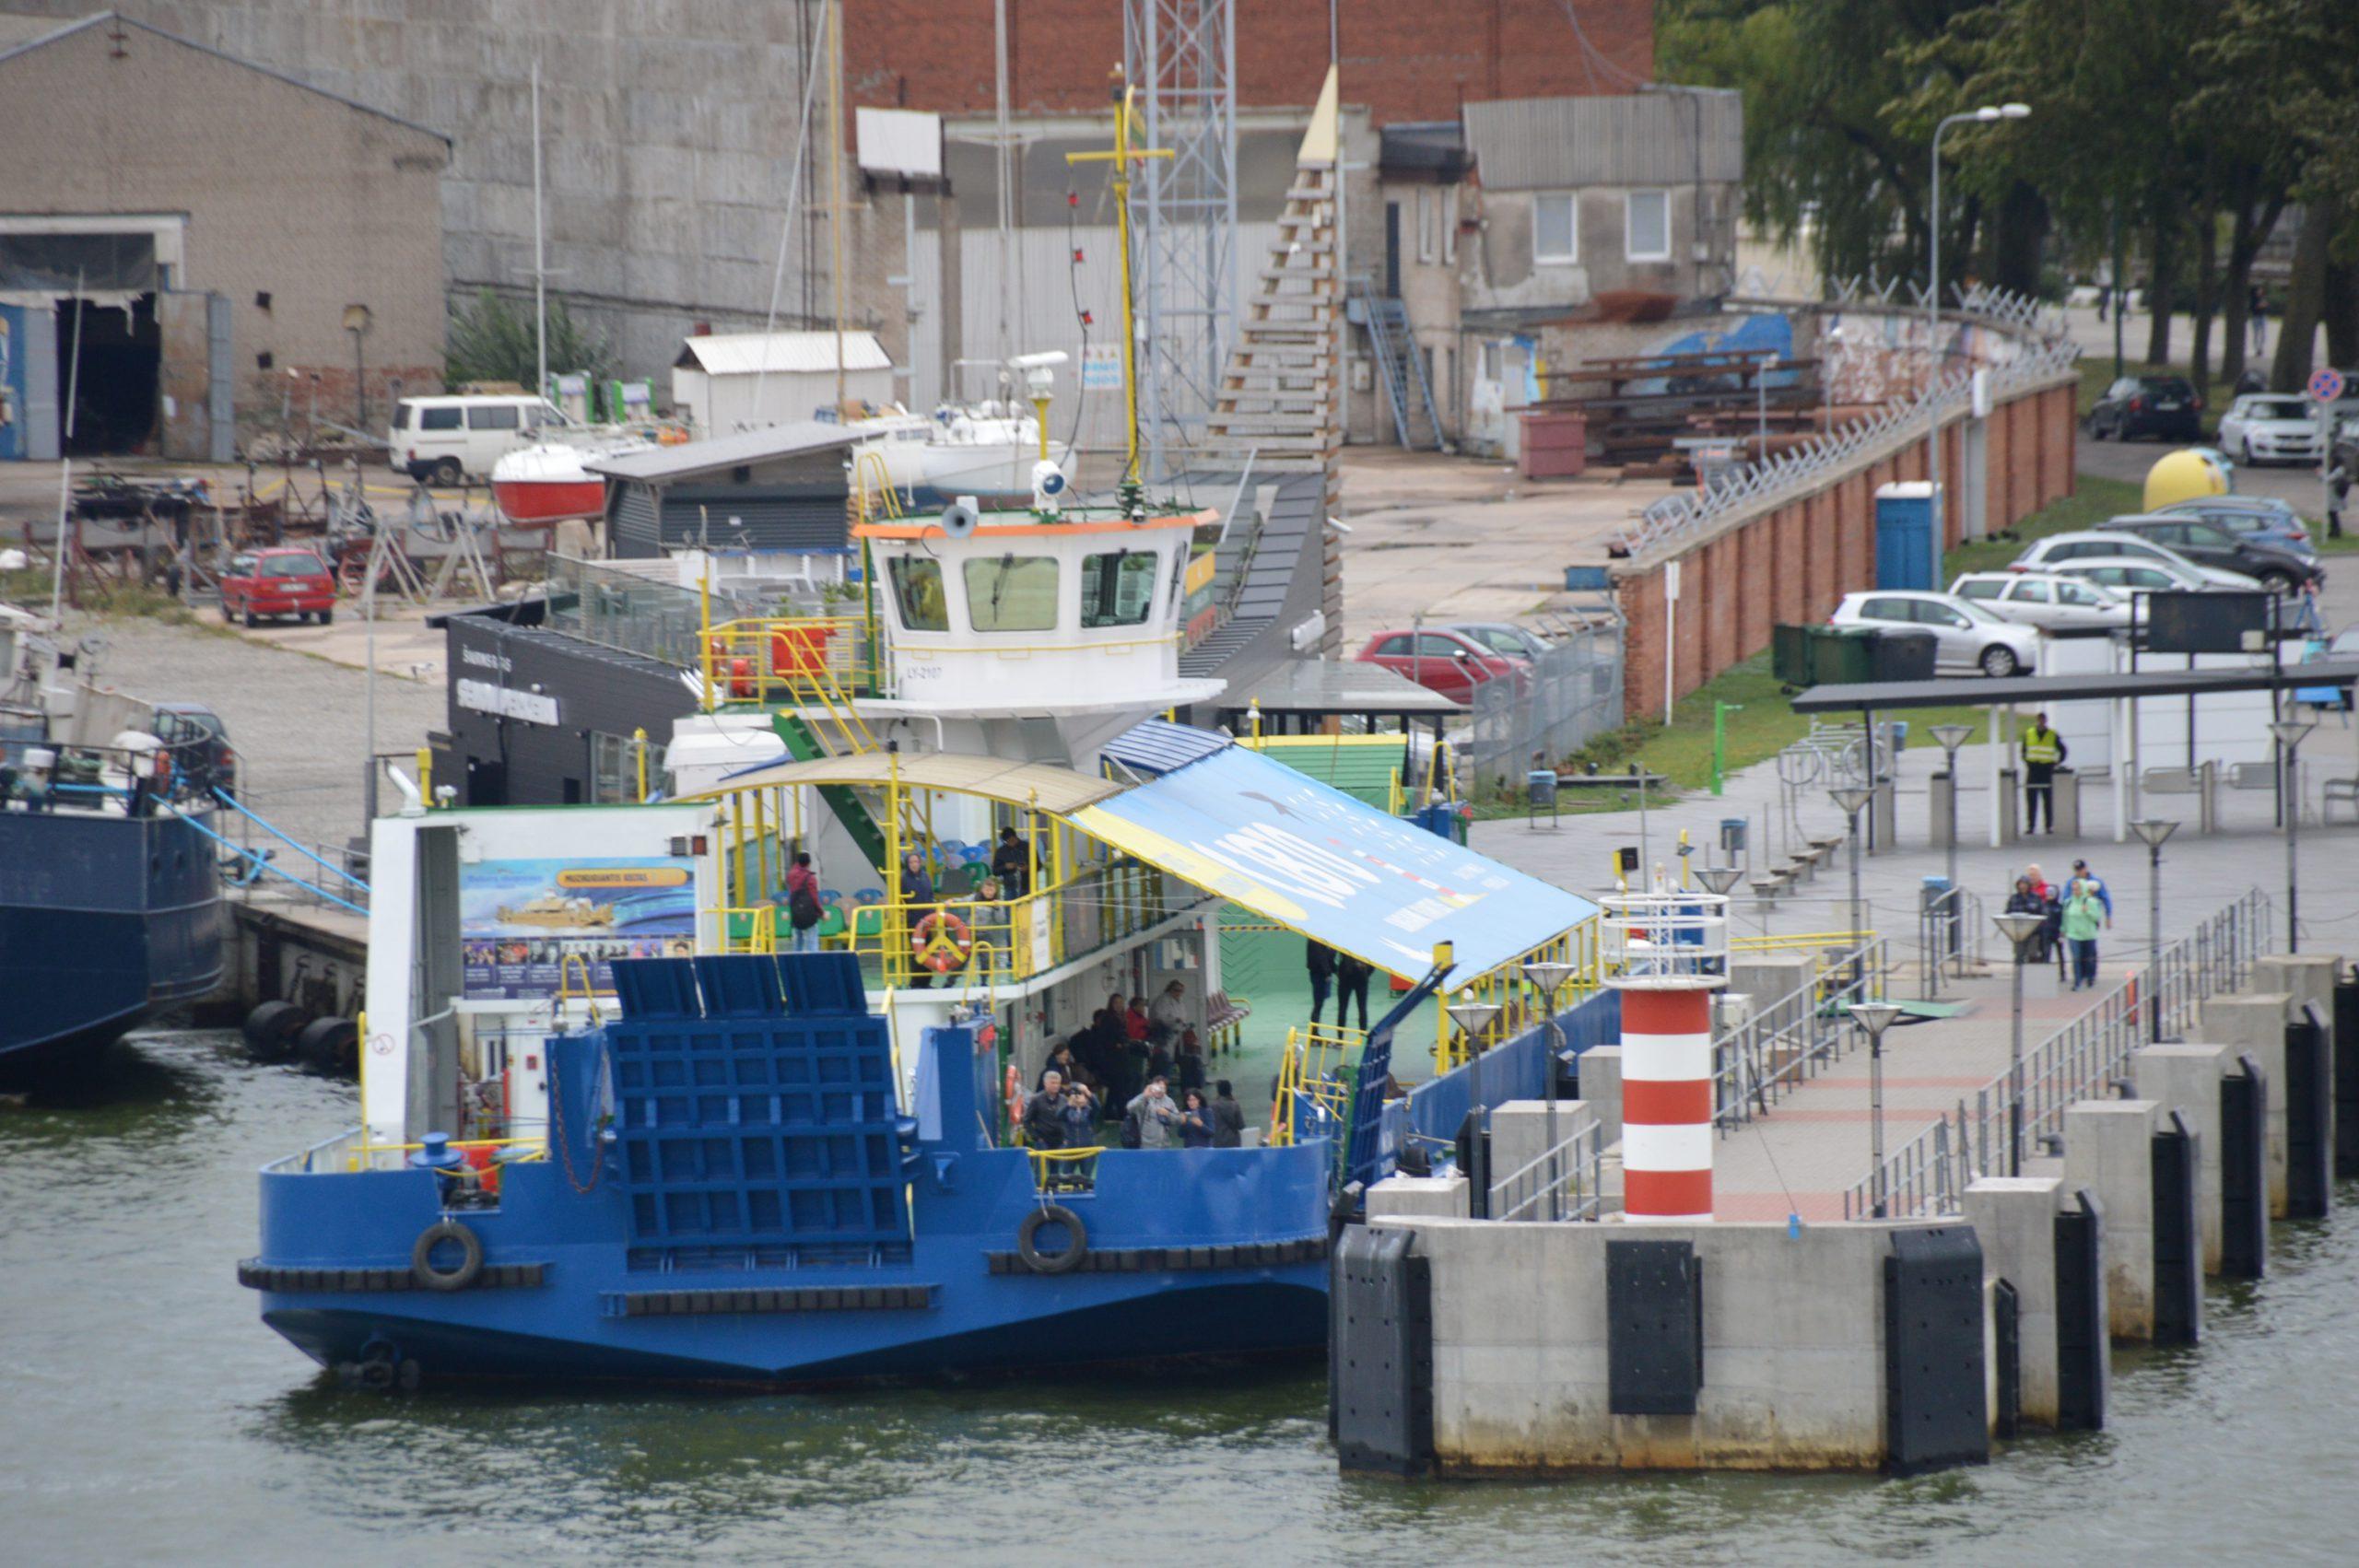 Жители Клайпеды возмущены из-за остановки паромного сообщения на старой переправе